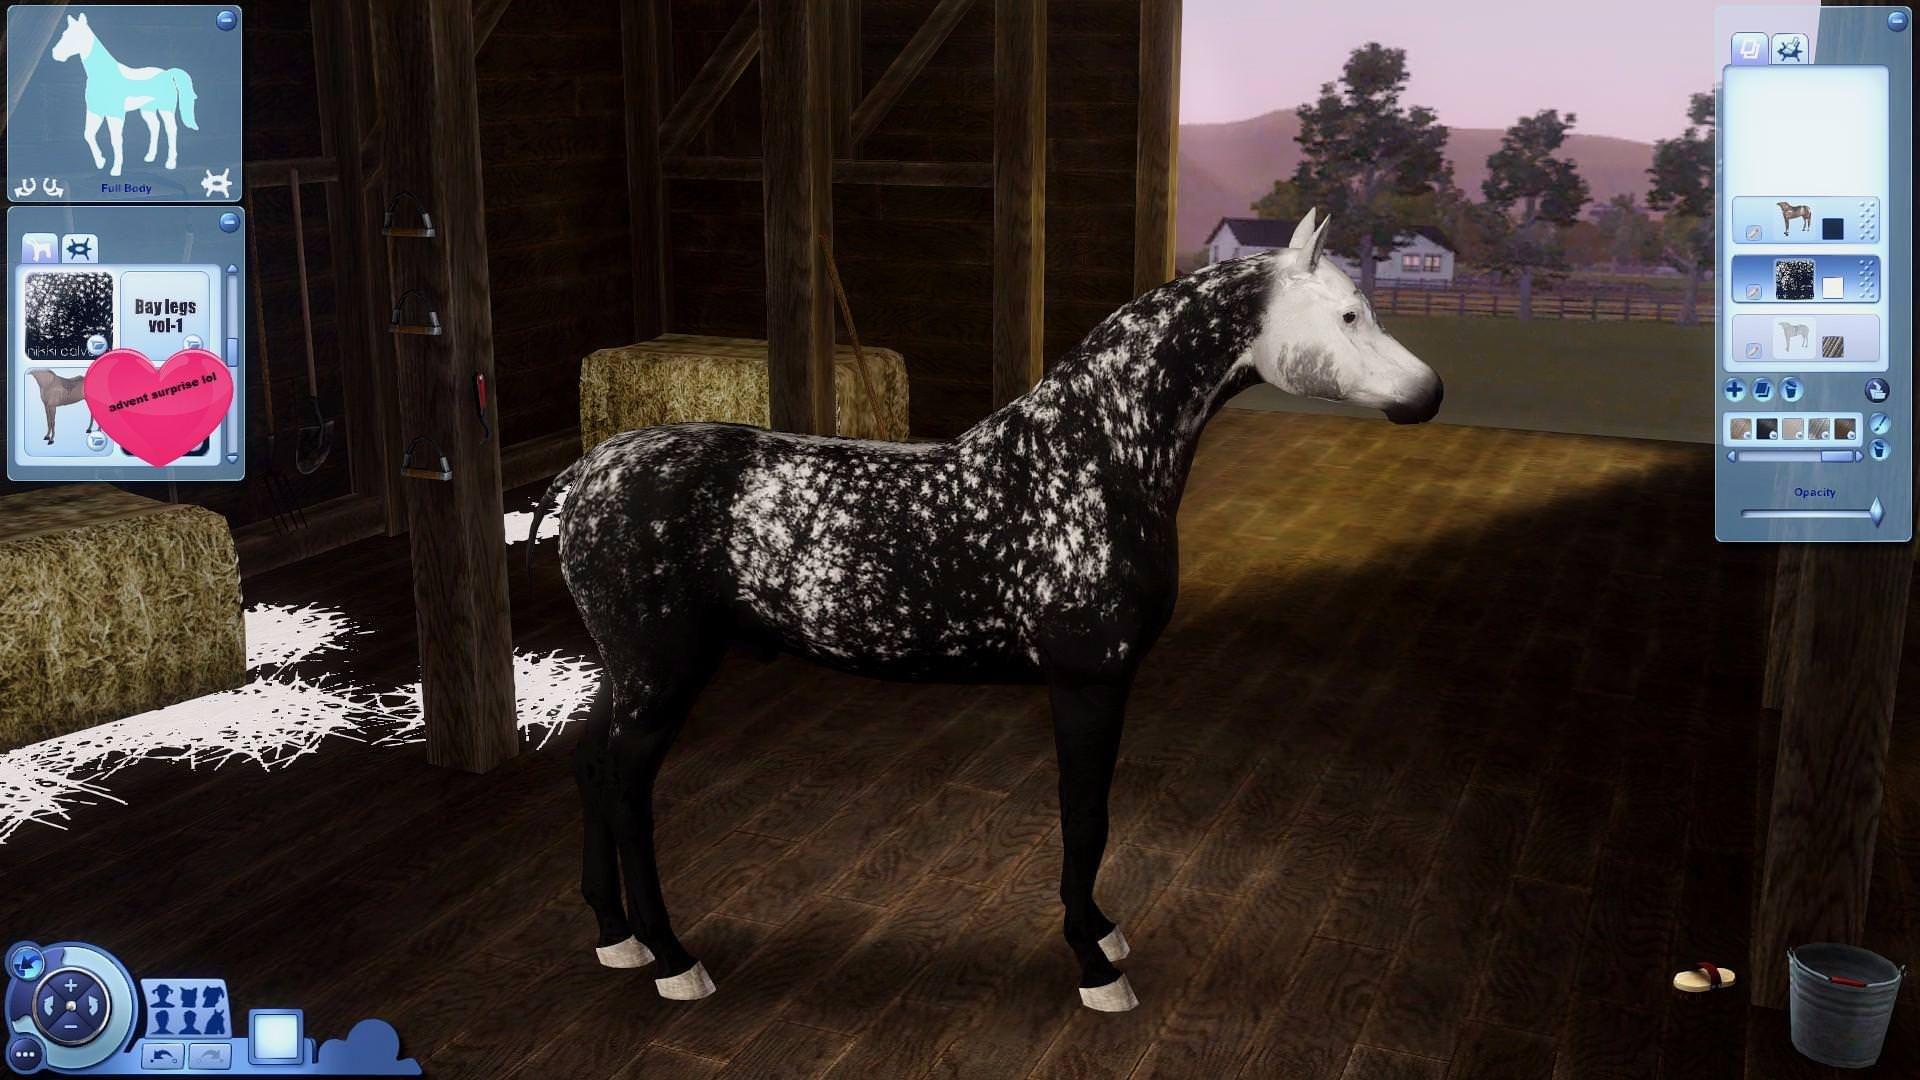 Https Forum Equus Community Topic 2483 Nikki S Pretty Okay Stocking Stuffers Shines 11 Stocking Stuffers Stuffer Sims 3 Mods